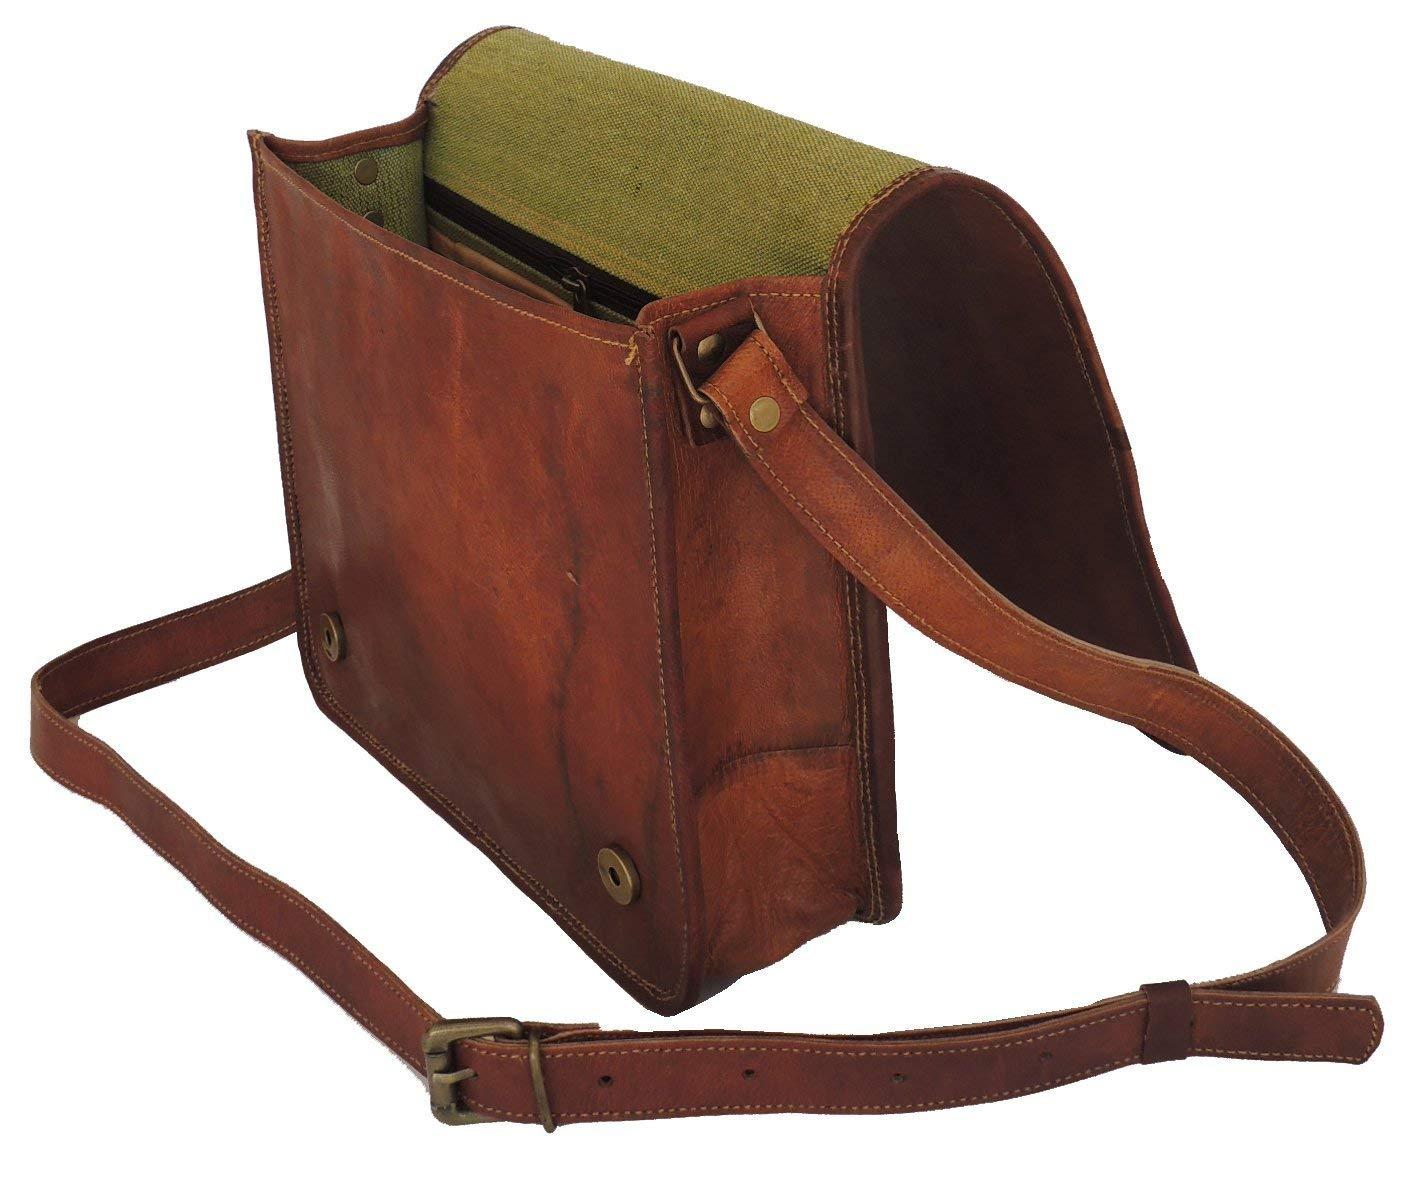 Leather bag Fair Deal / Full flap bag / laptop bag / best computer shoulder briefcase /  Handmade leather bag messenger bag for I pad / brown bag  by Fair Deal (Image #3)